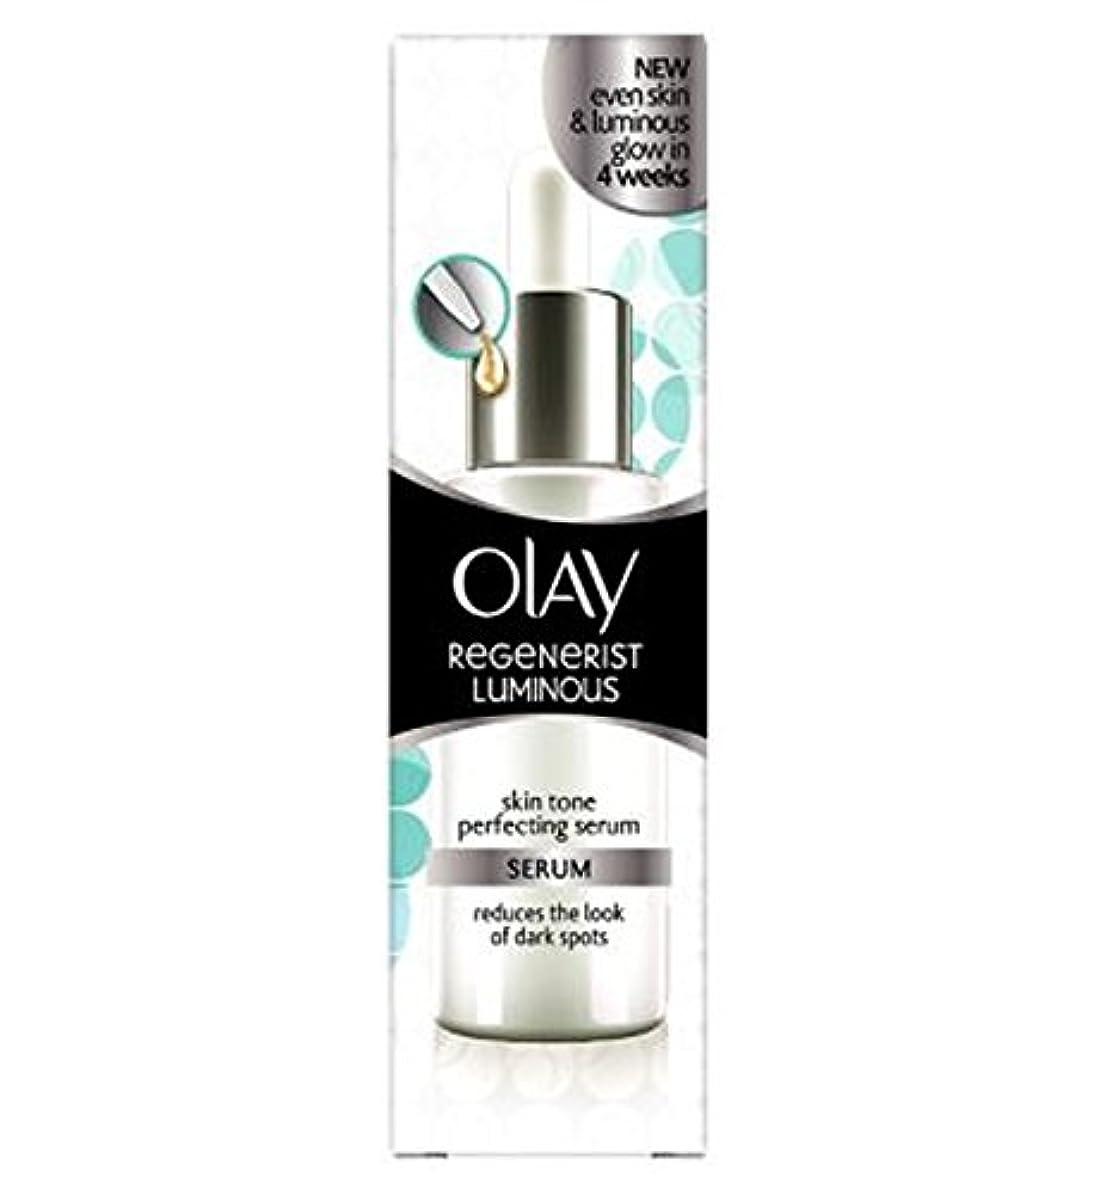 子音フクロウ頑丈血清40ミリリットルを完成オーレイリジェネ発光肌のトーン (Olay) (x2) - Olay Regenerist Luminous Skin Tone Perfecting Serum 40ml (Pack of 2) [並行輸入品]